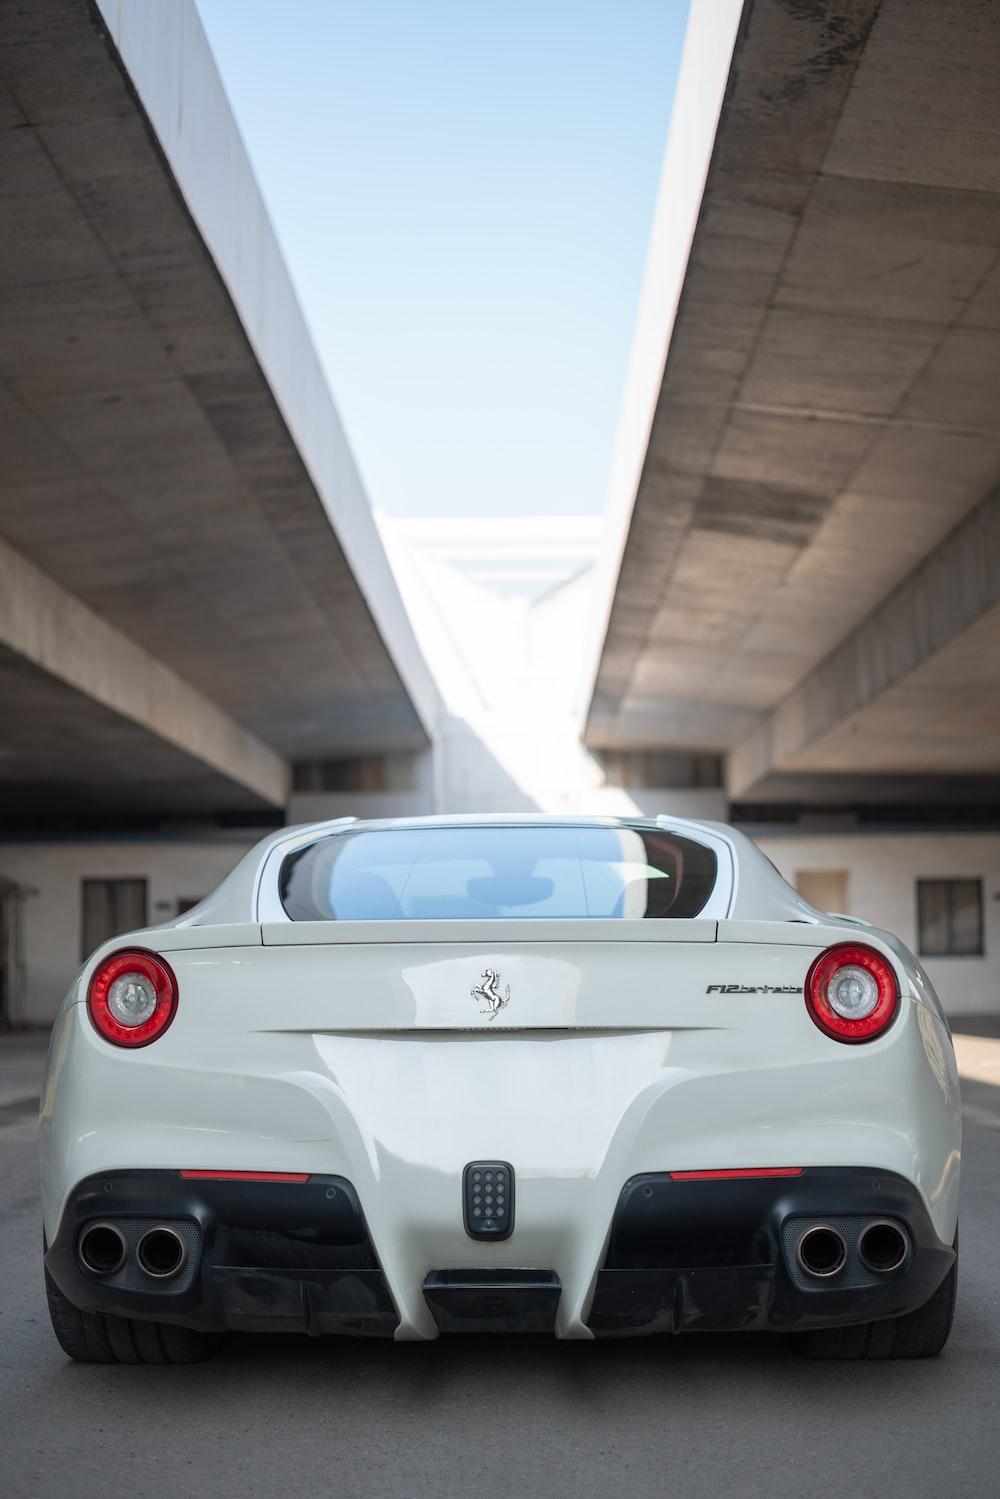 white Ferrari vehicle parked under bridge